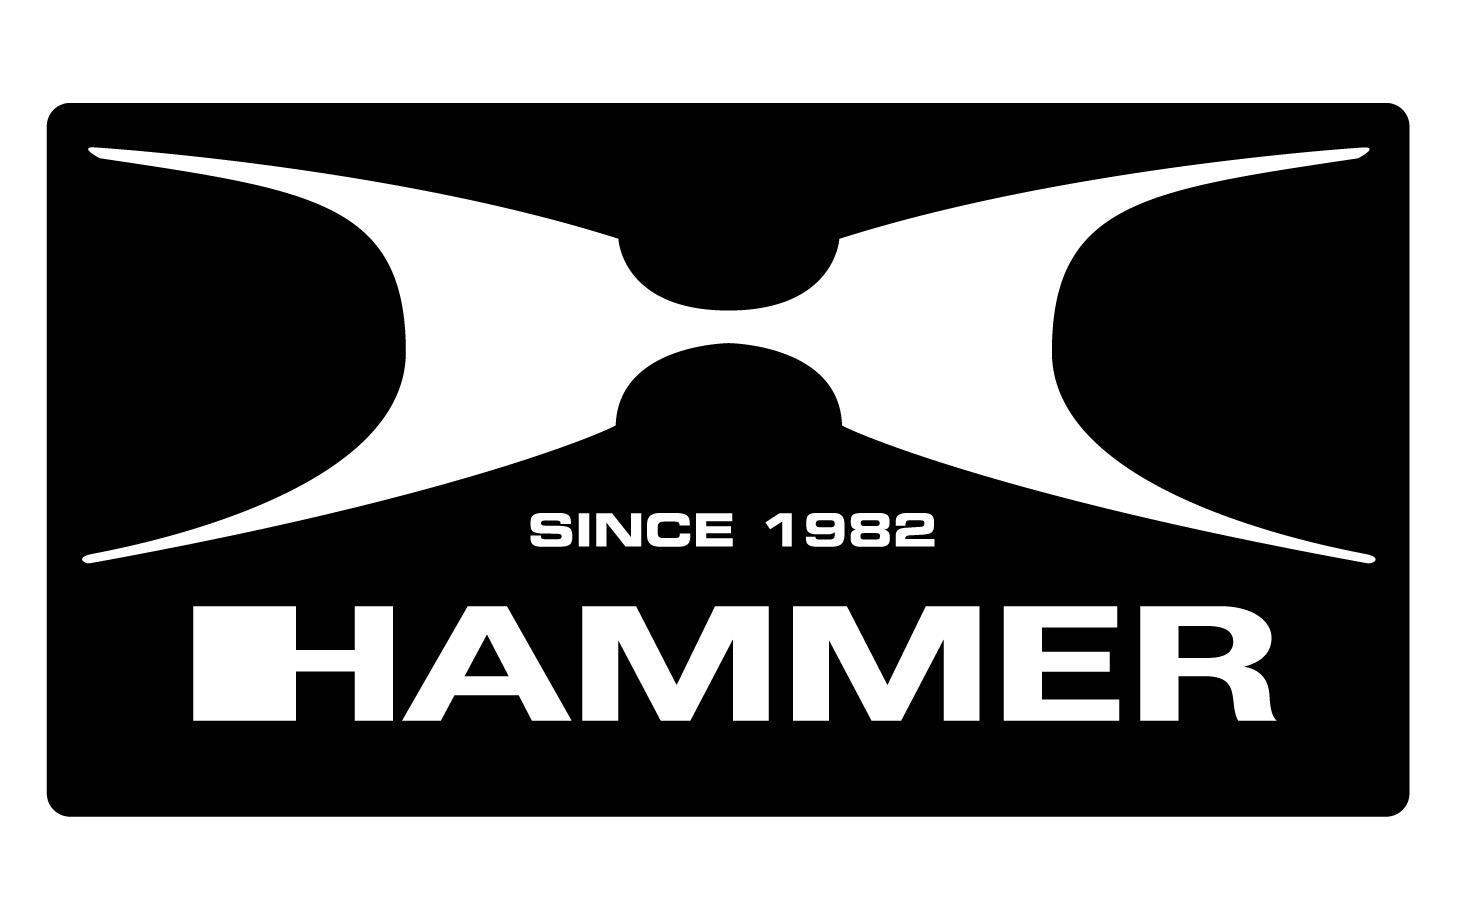 Description Hamm...H Logo Images